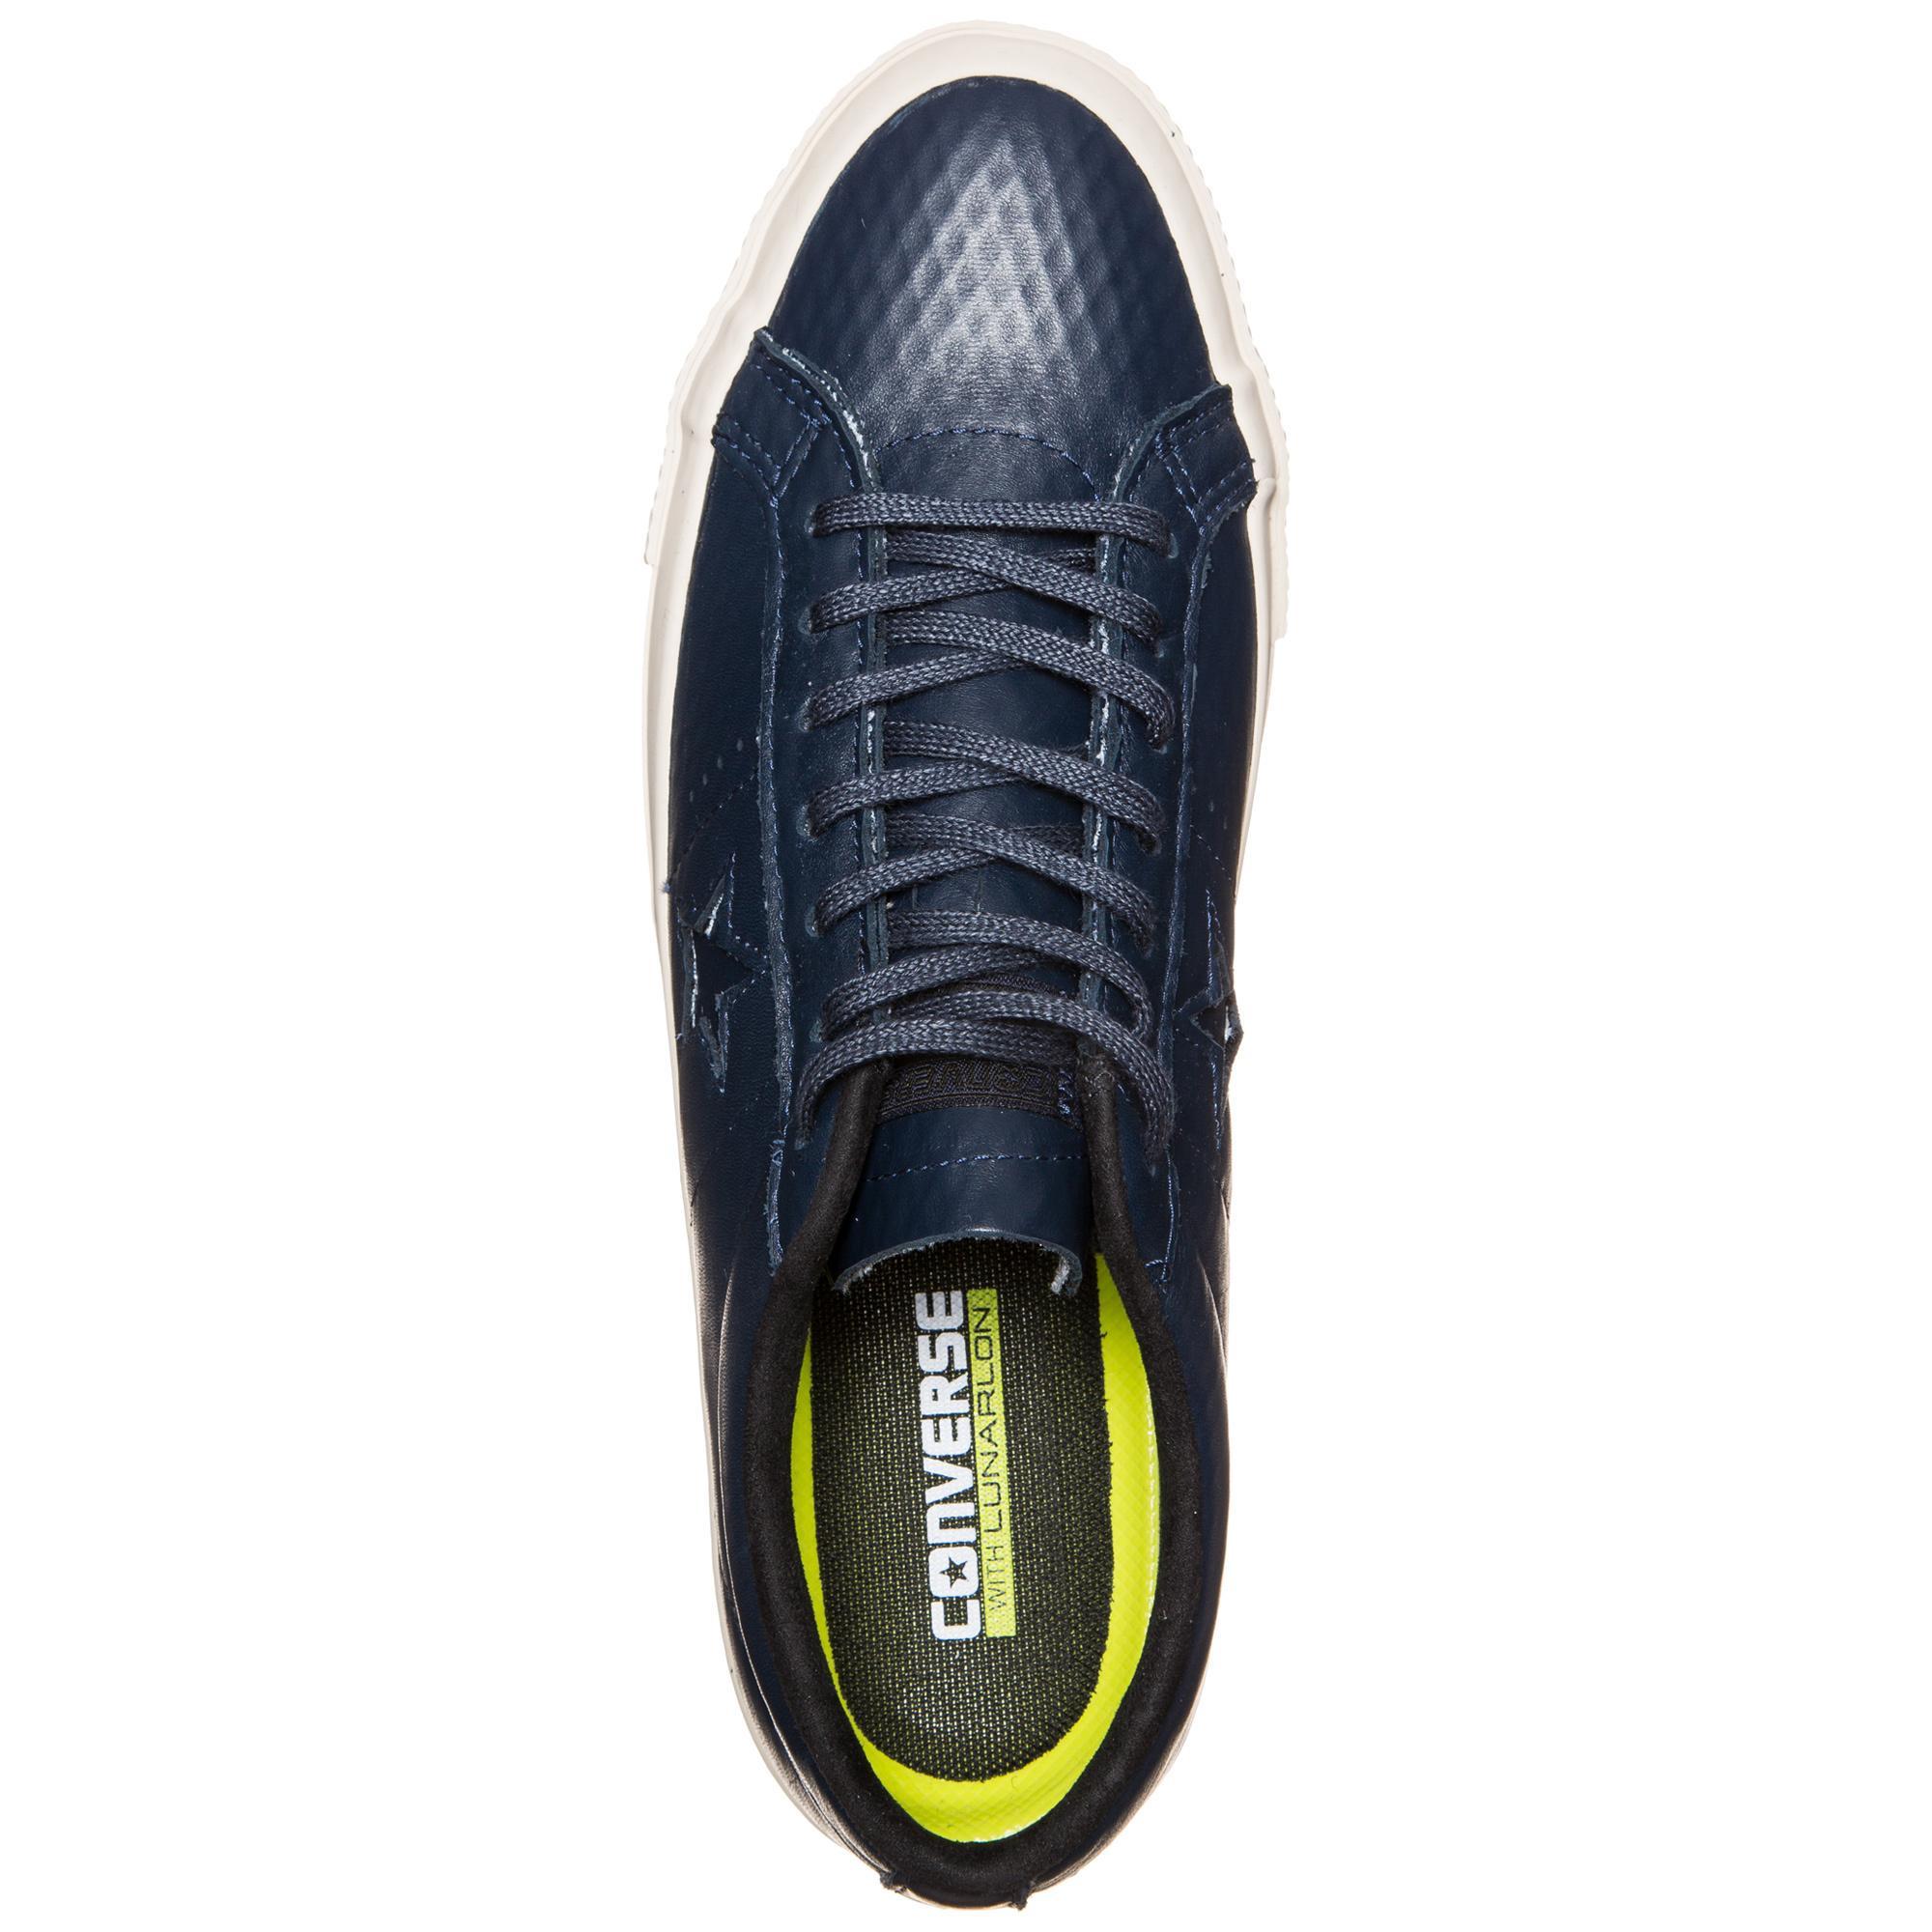 CONVERSE Cons One Star Leder Turnschuhe / dunkelblau / Turnschuhe creme im Online Shop von SportScheck kaufen Gute Qualität beliebte Schuhe 28d3b0